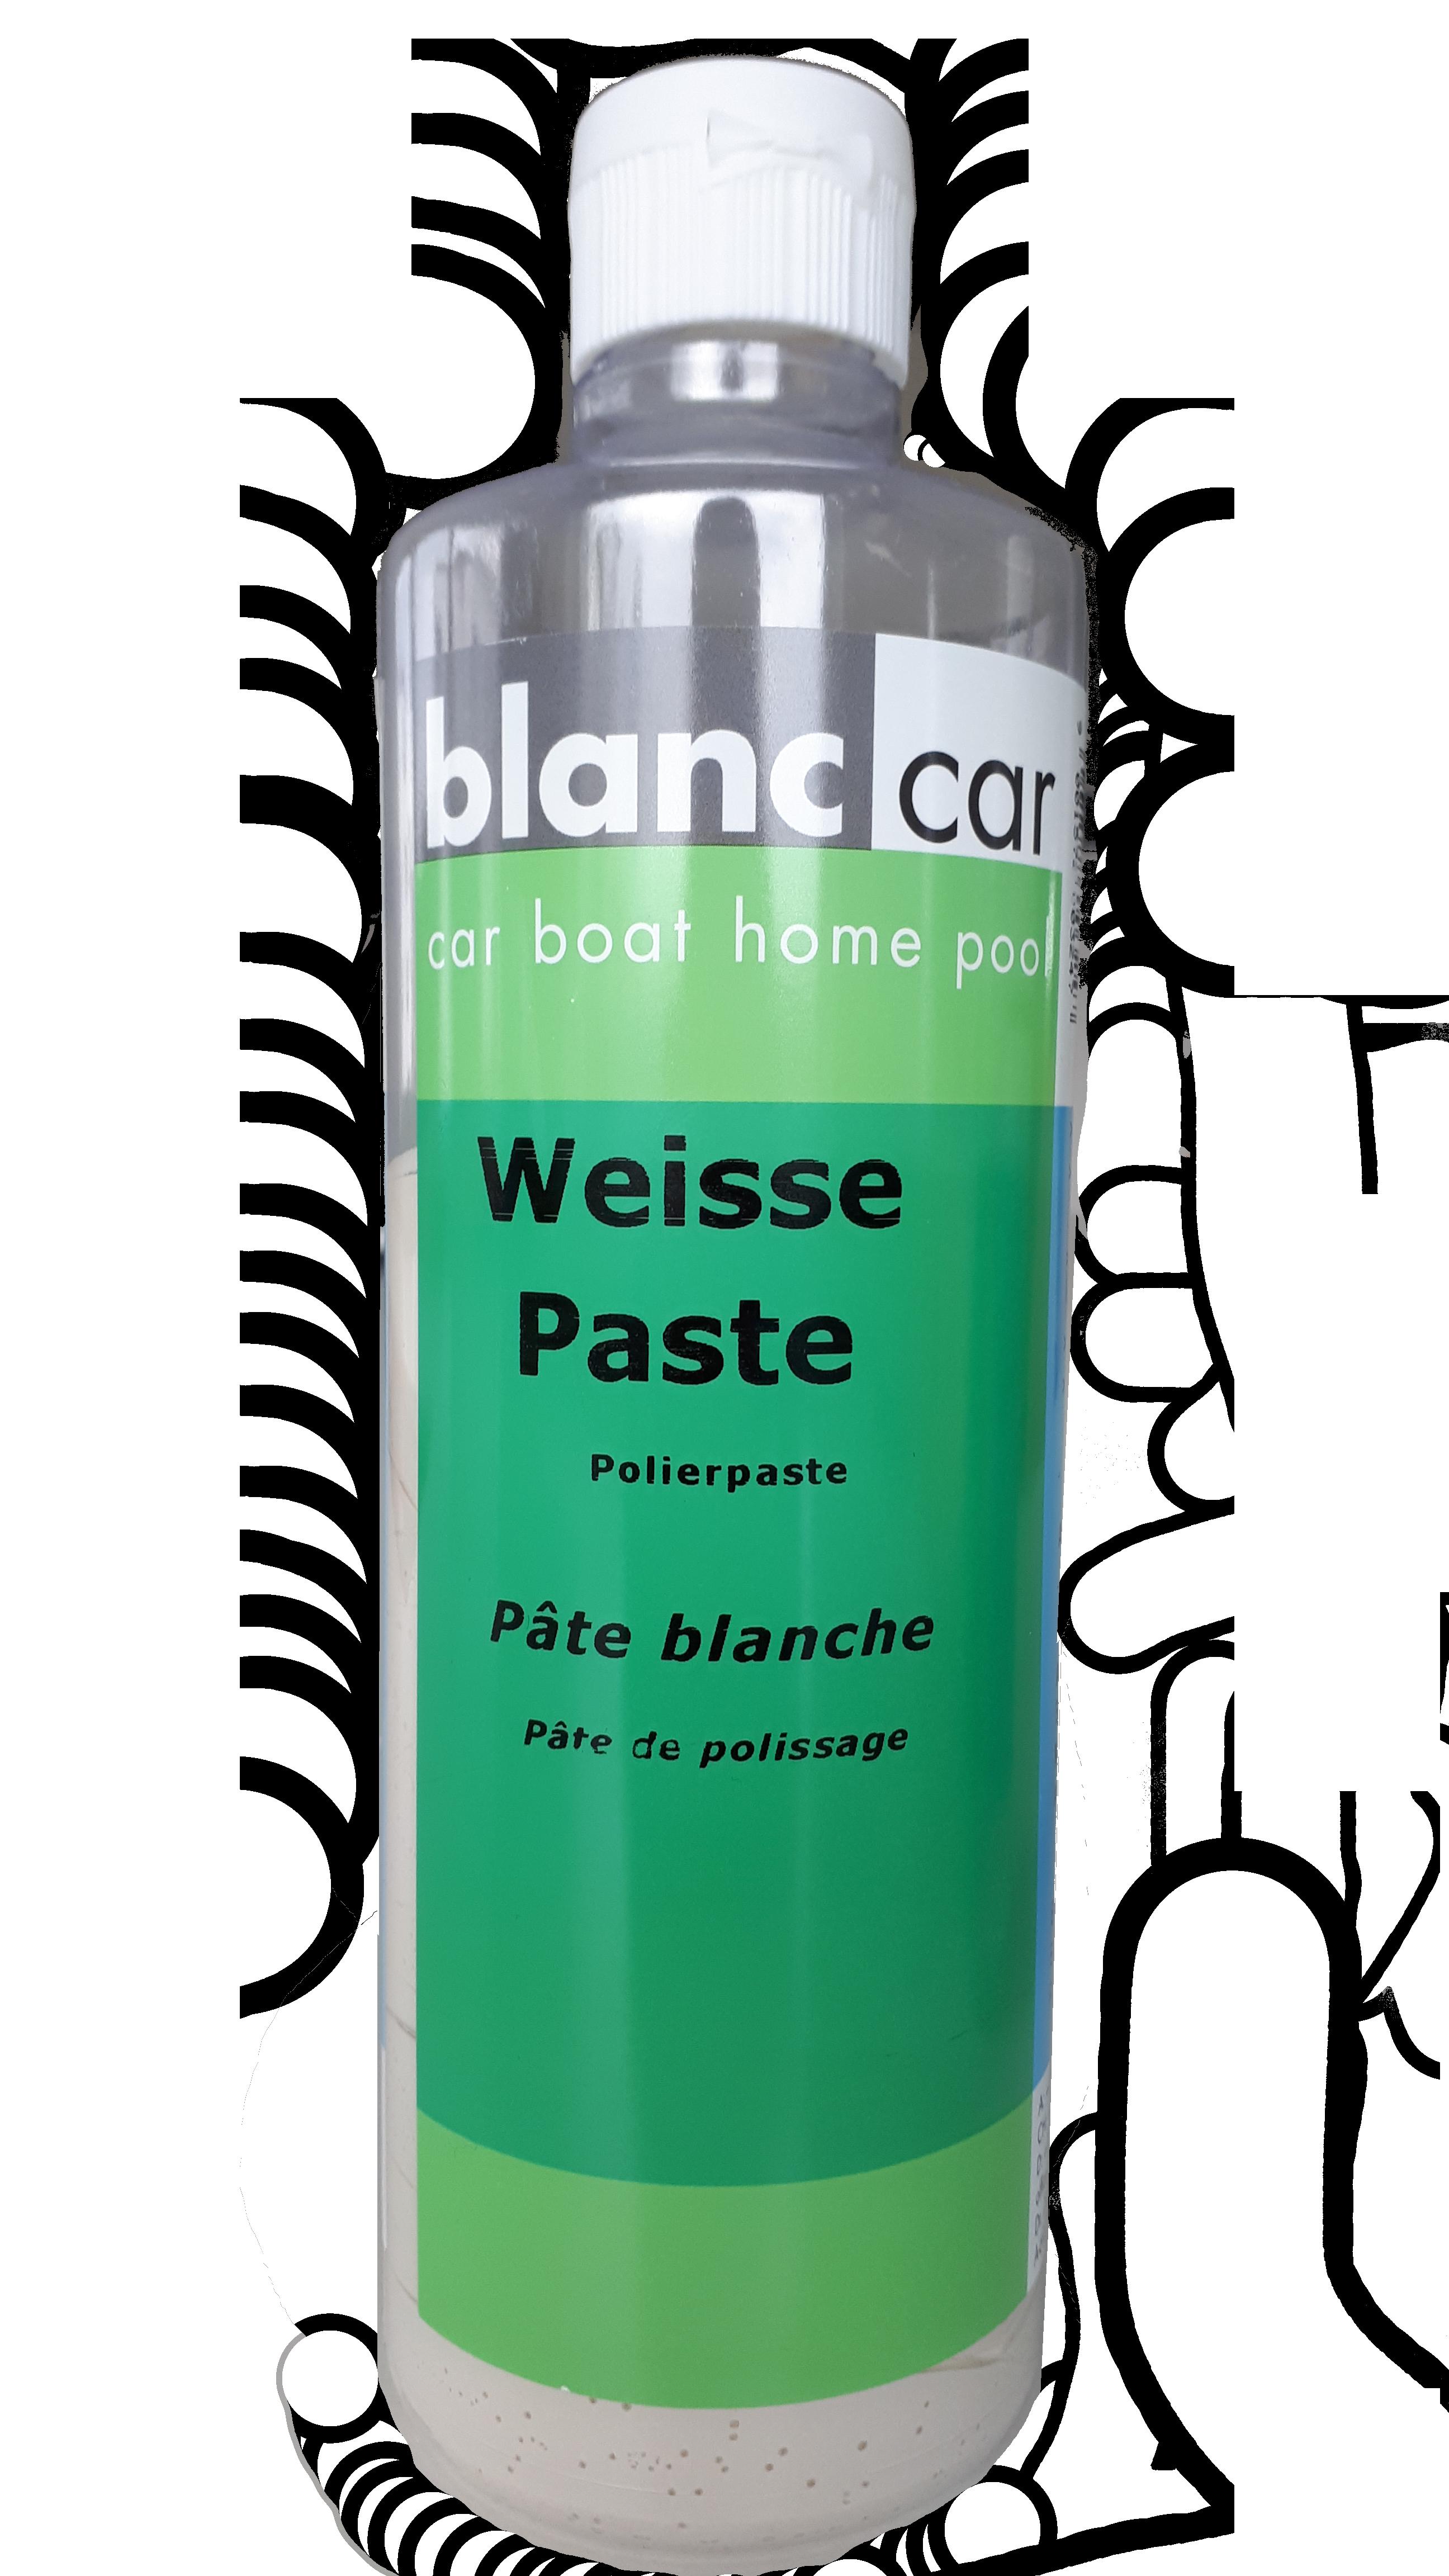 Polierpaste Weiße Paste